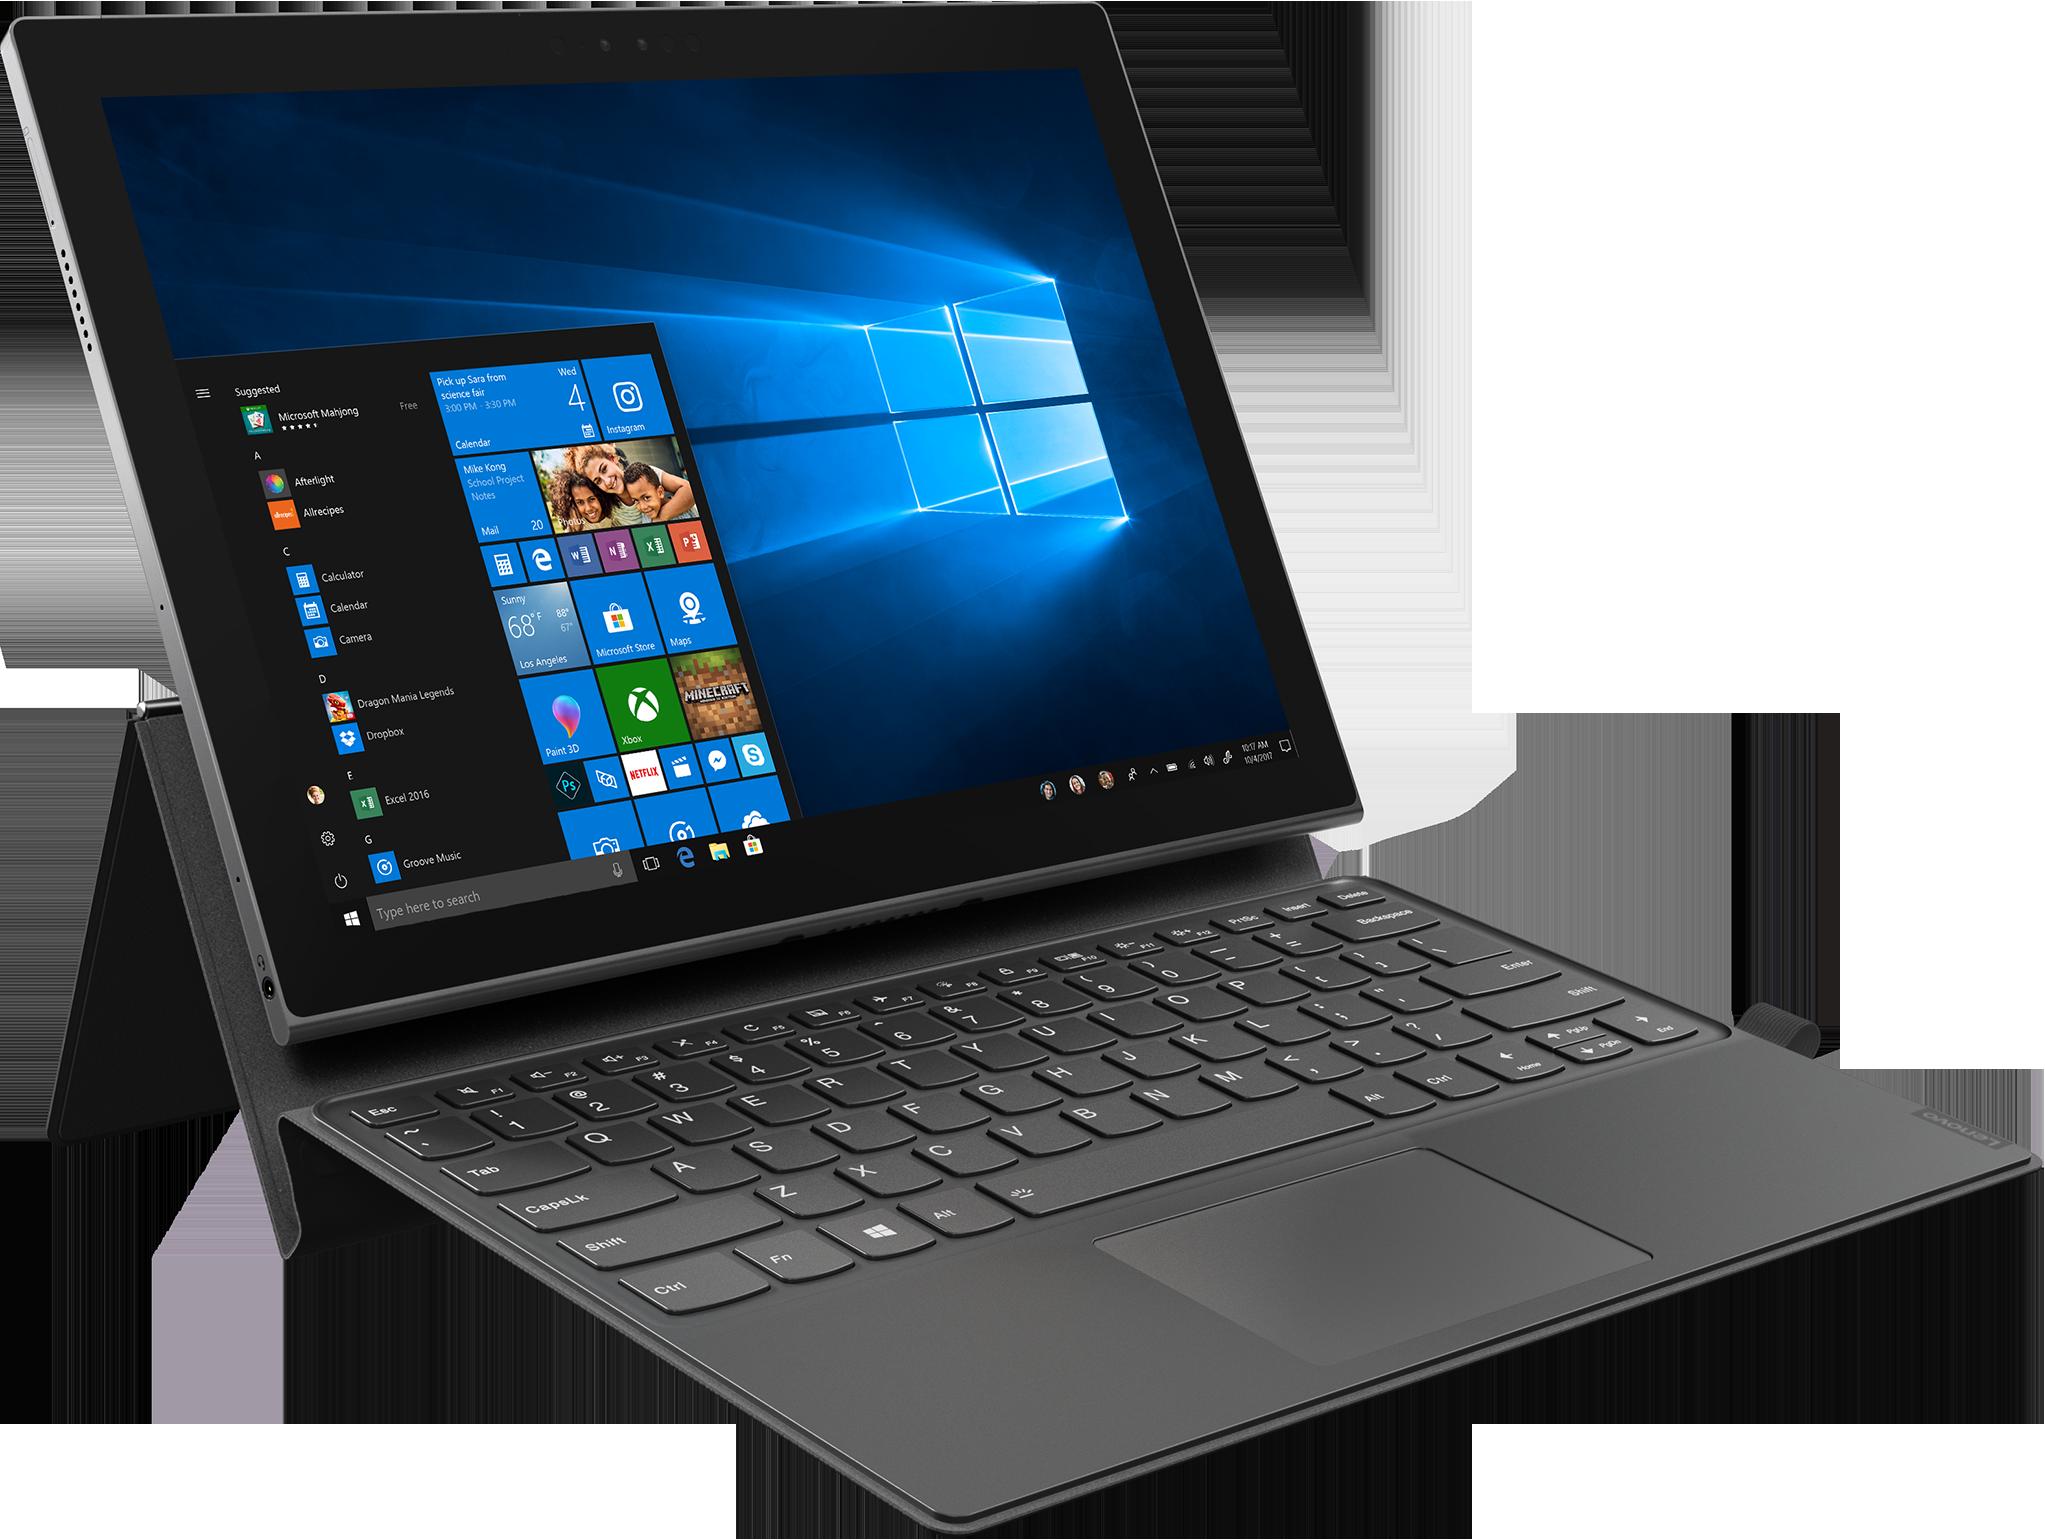 Buy Lenovo Miix 630 2 in 1 PC - Microsoft Store